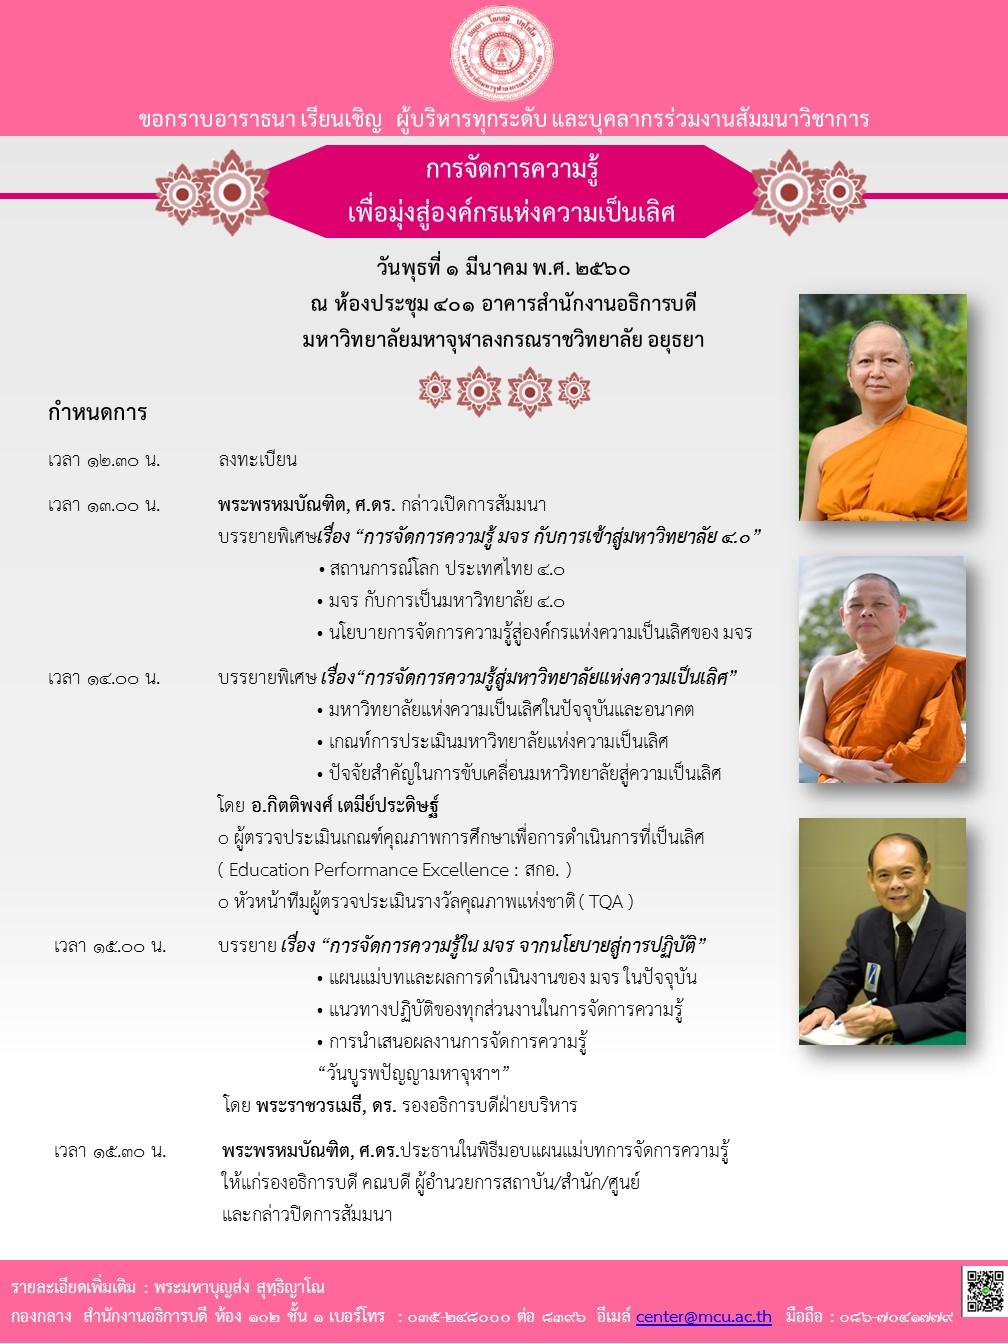 mcu-km-seminar_poster